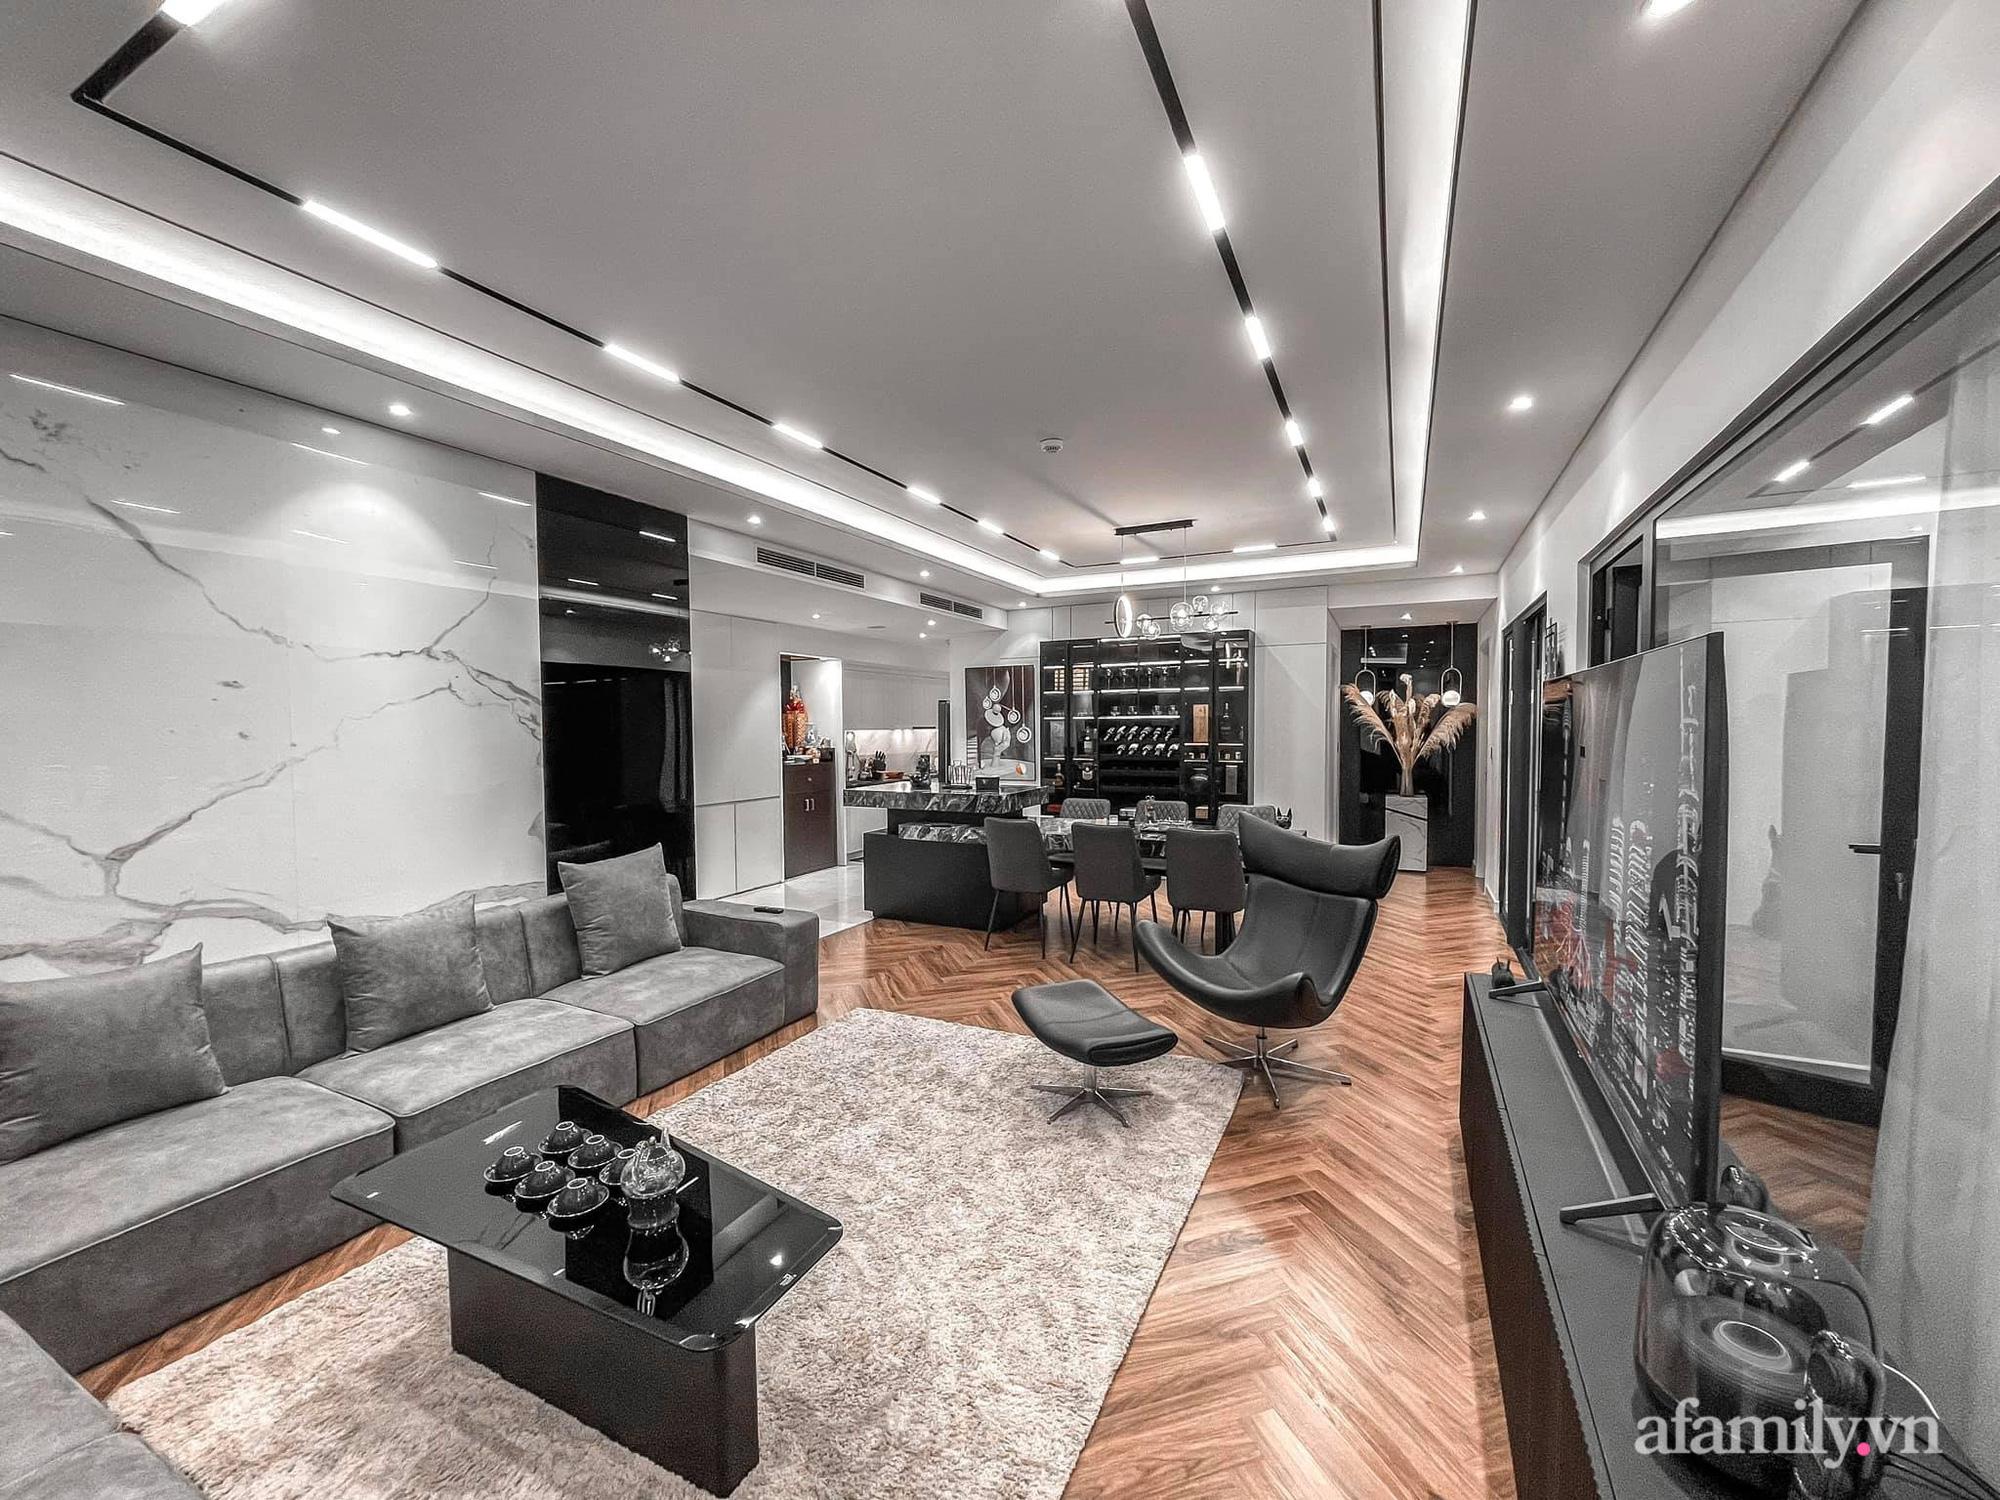 Căn hộ 125m² với gam màu tối cực chất của cặp vợ chồng yêu thời trang ở Hà Nội - Ảnh 9.